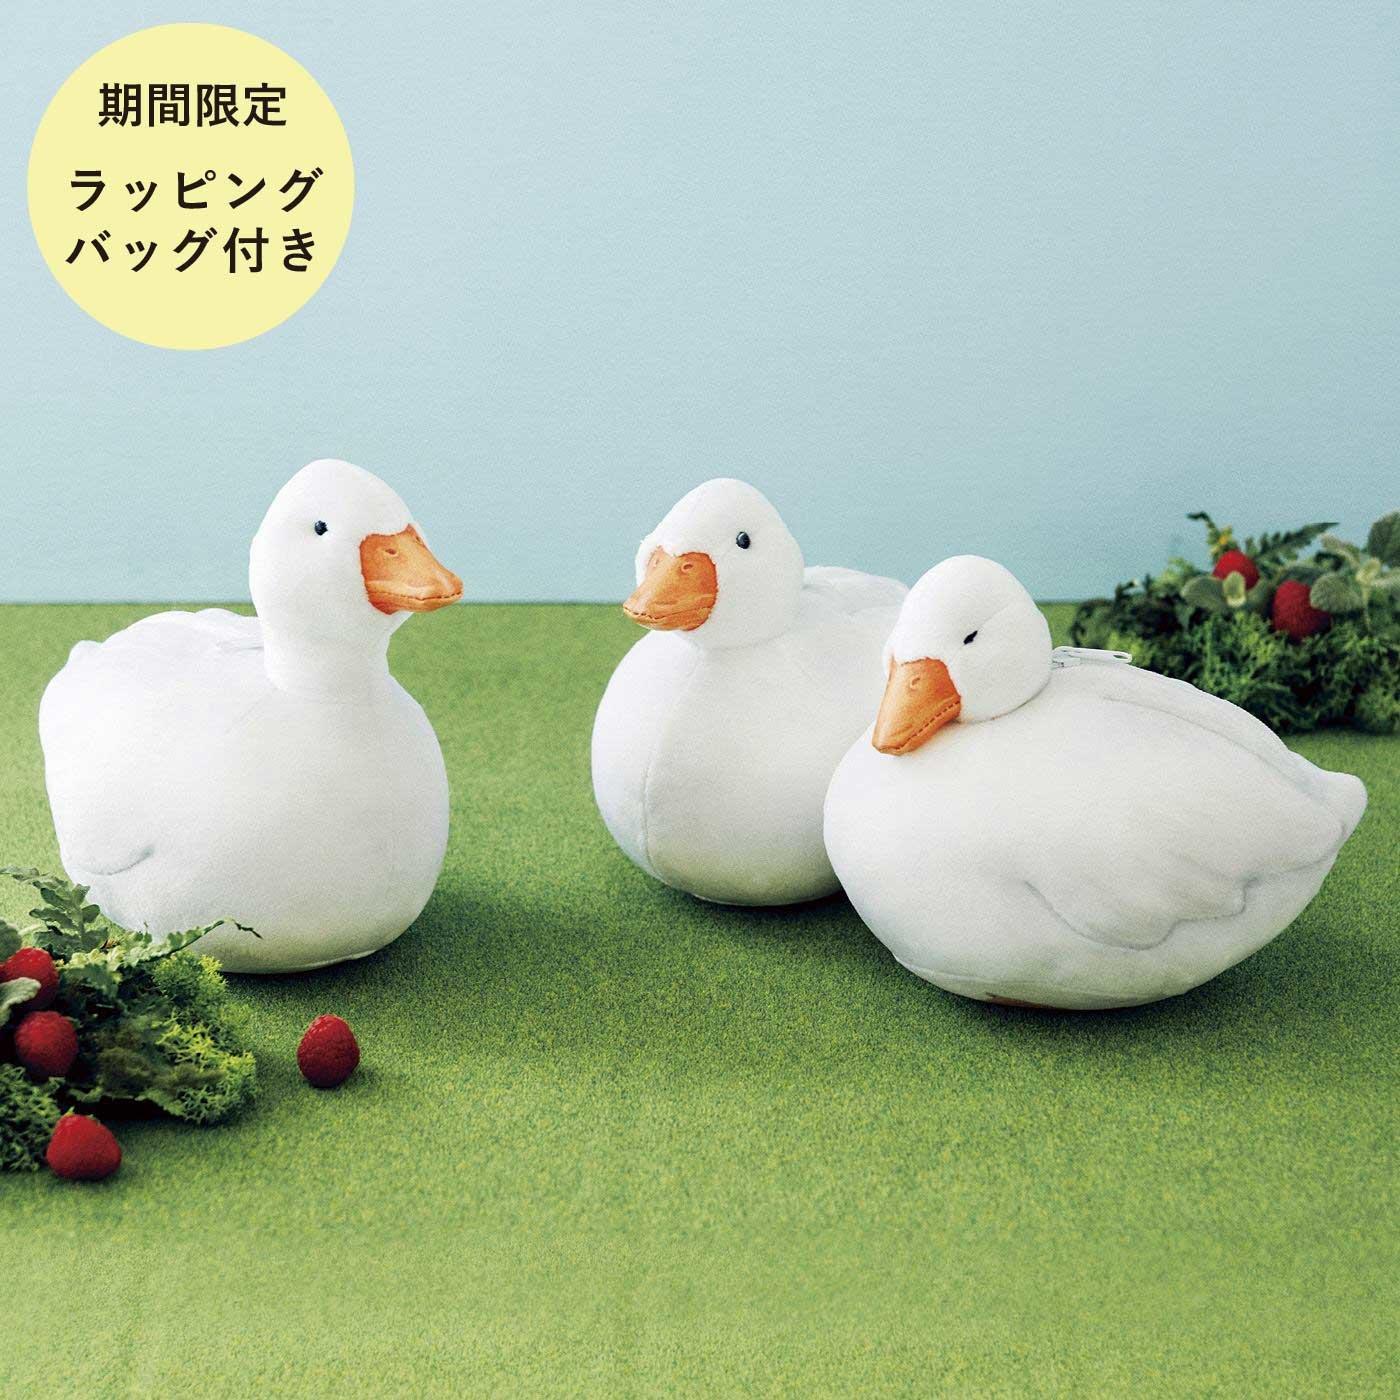 【ラッピングバッグ付き!】YOU+MORE! ぽってり丸い 真っ白アヒルのもっちりポーチの会